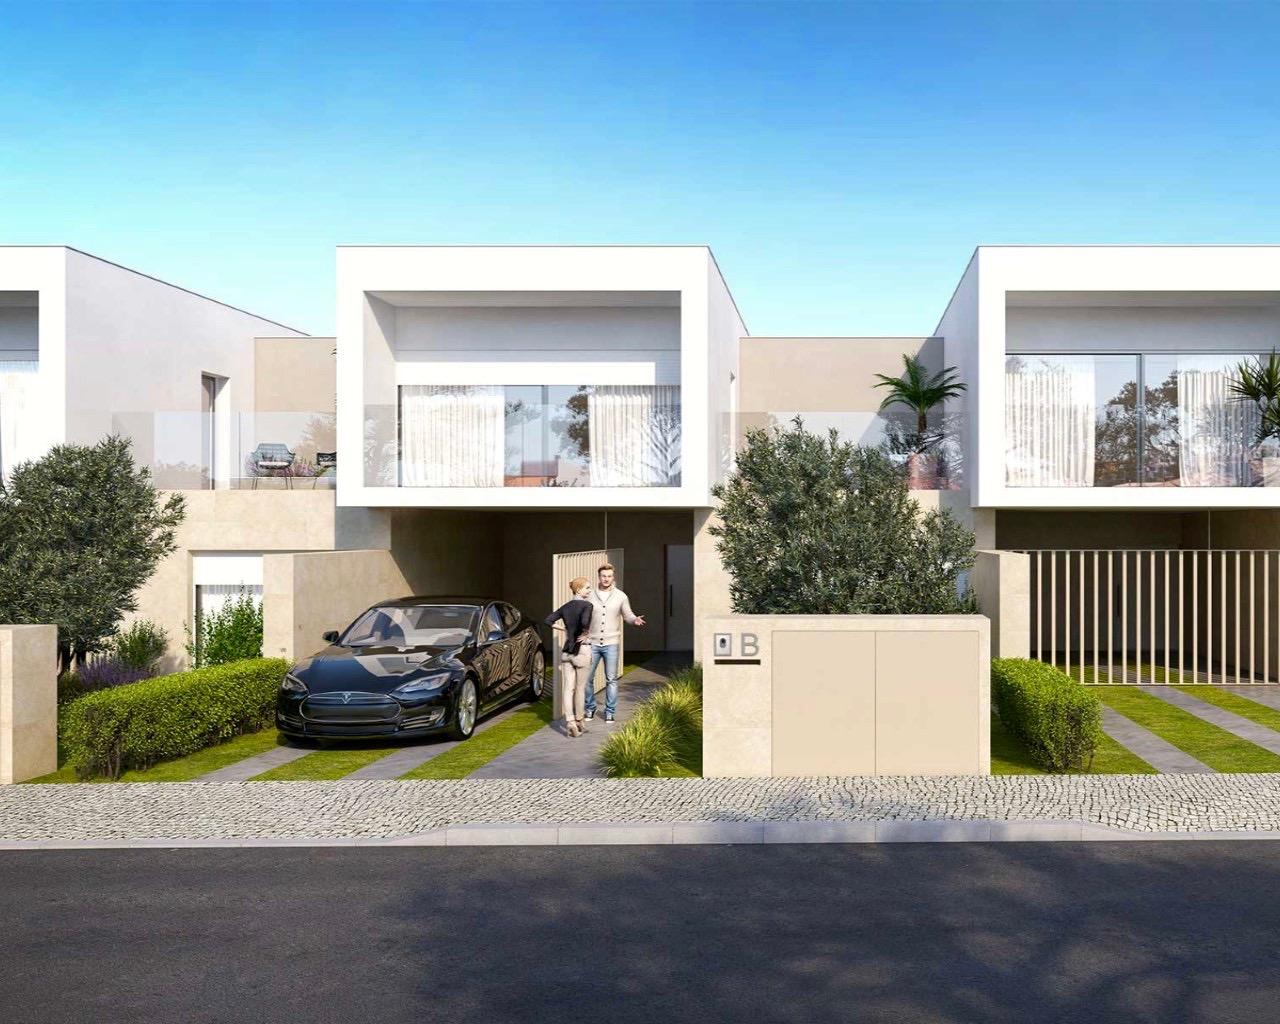 Algarve Modern 3 bedroom townhouse in Ferragudo  - Ferragudo